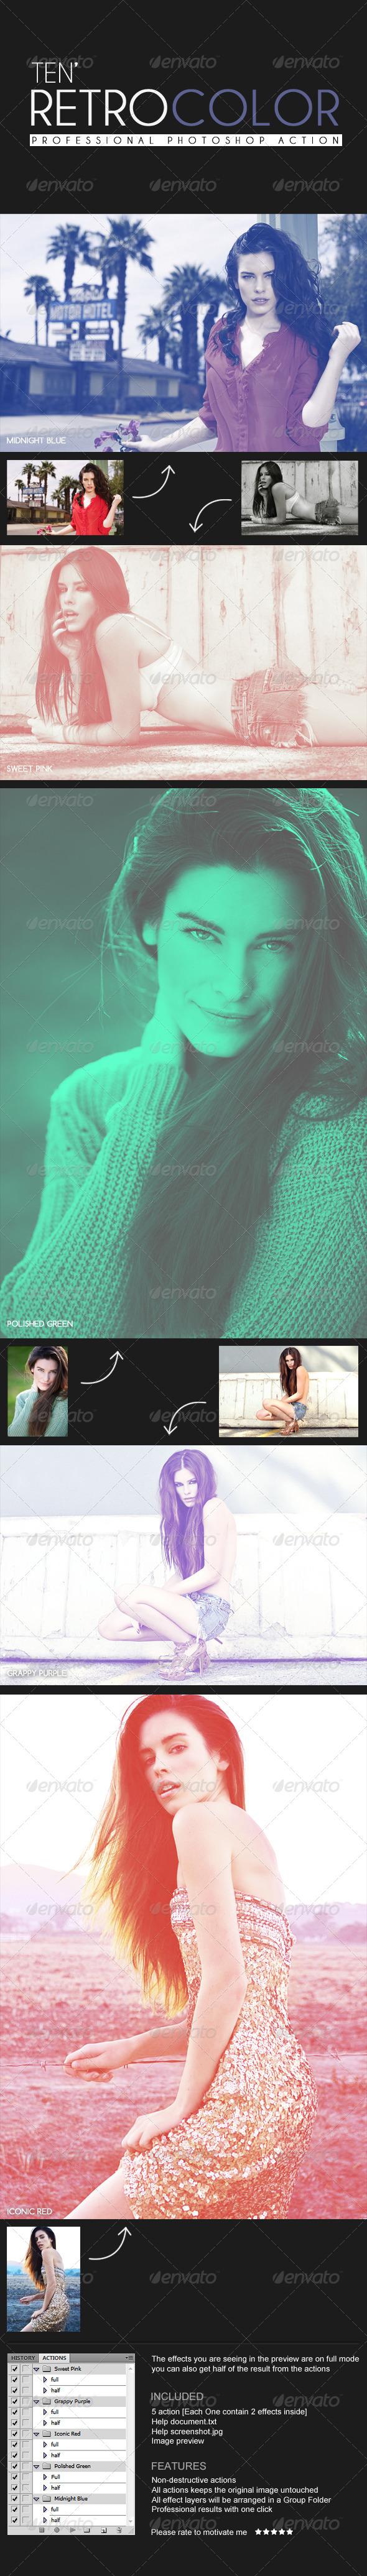 GraphicRiver Retro Color Tone 4567608